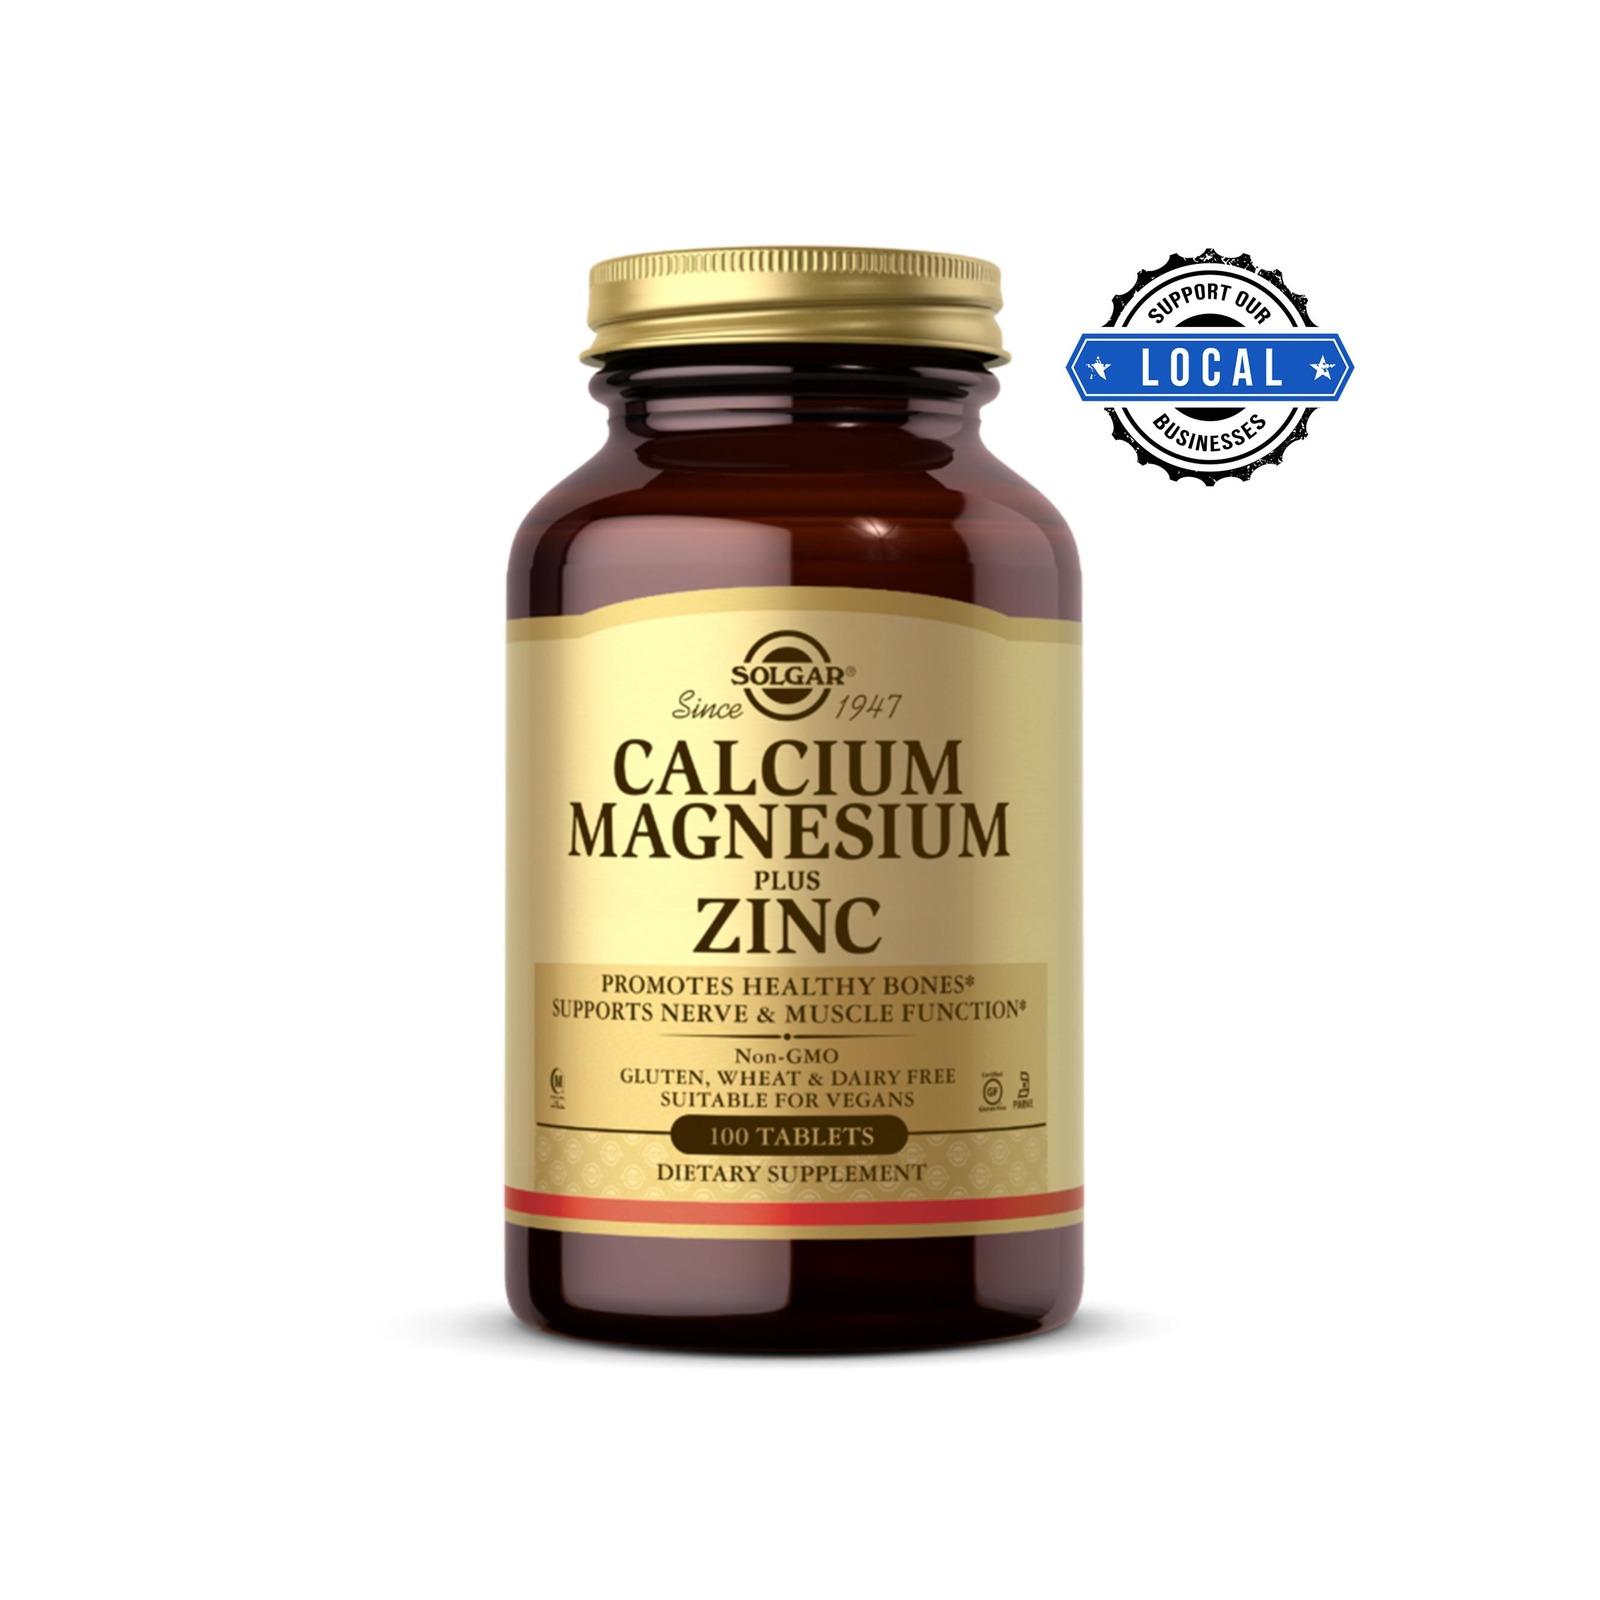 Solgar Calcium Magnesium Plus Zinc, 100 Tabs